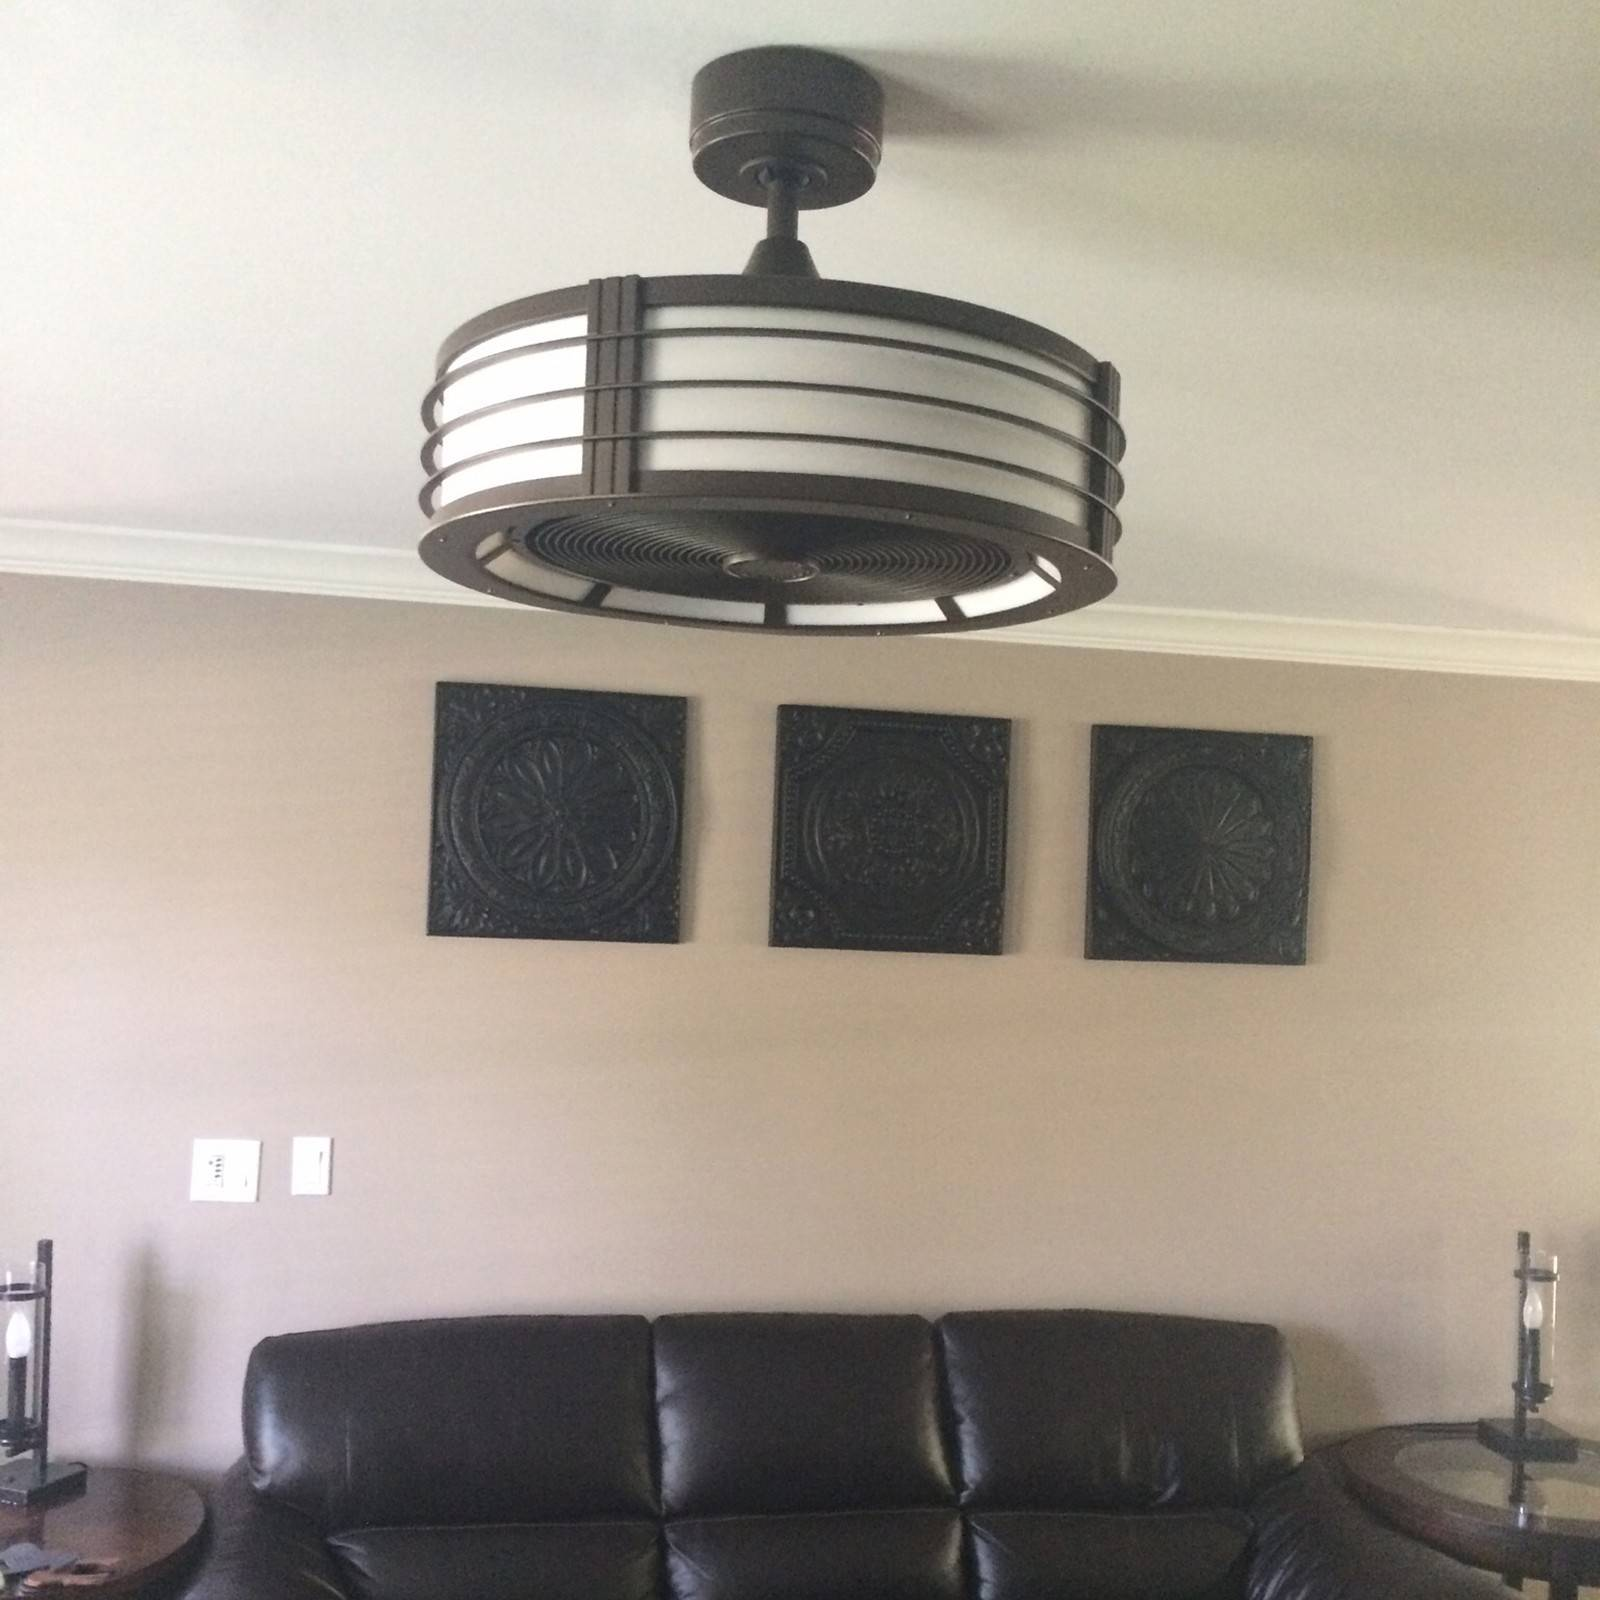 Hidden Ceiling Fan advances in technology, style propel ceiling fans